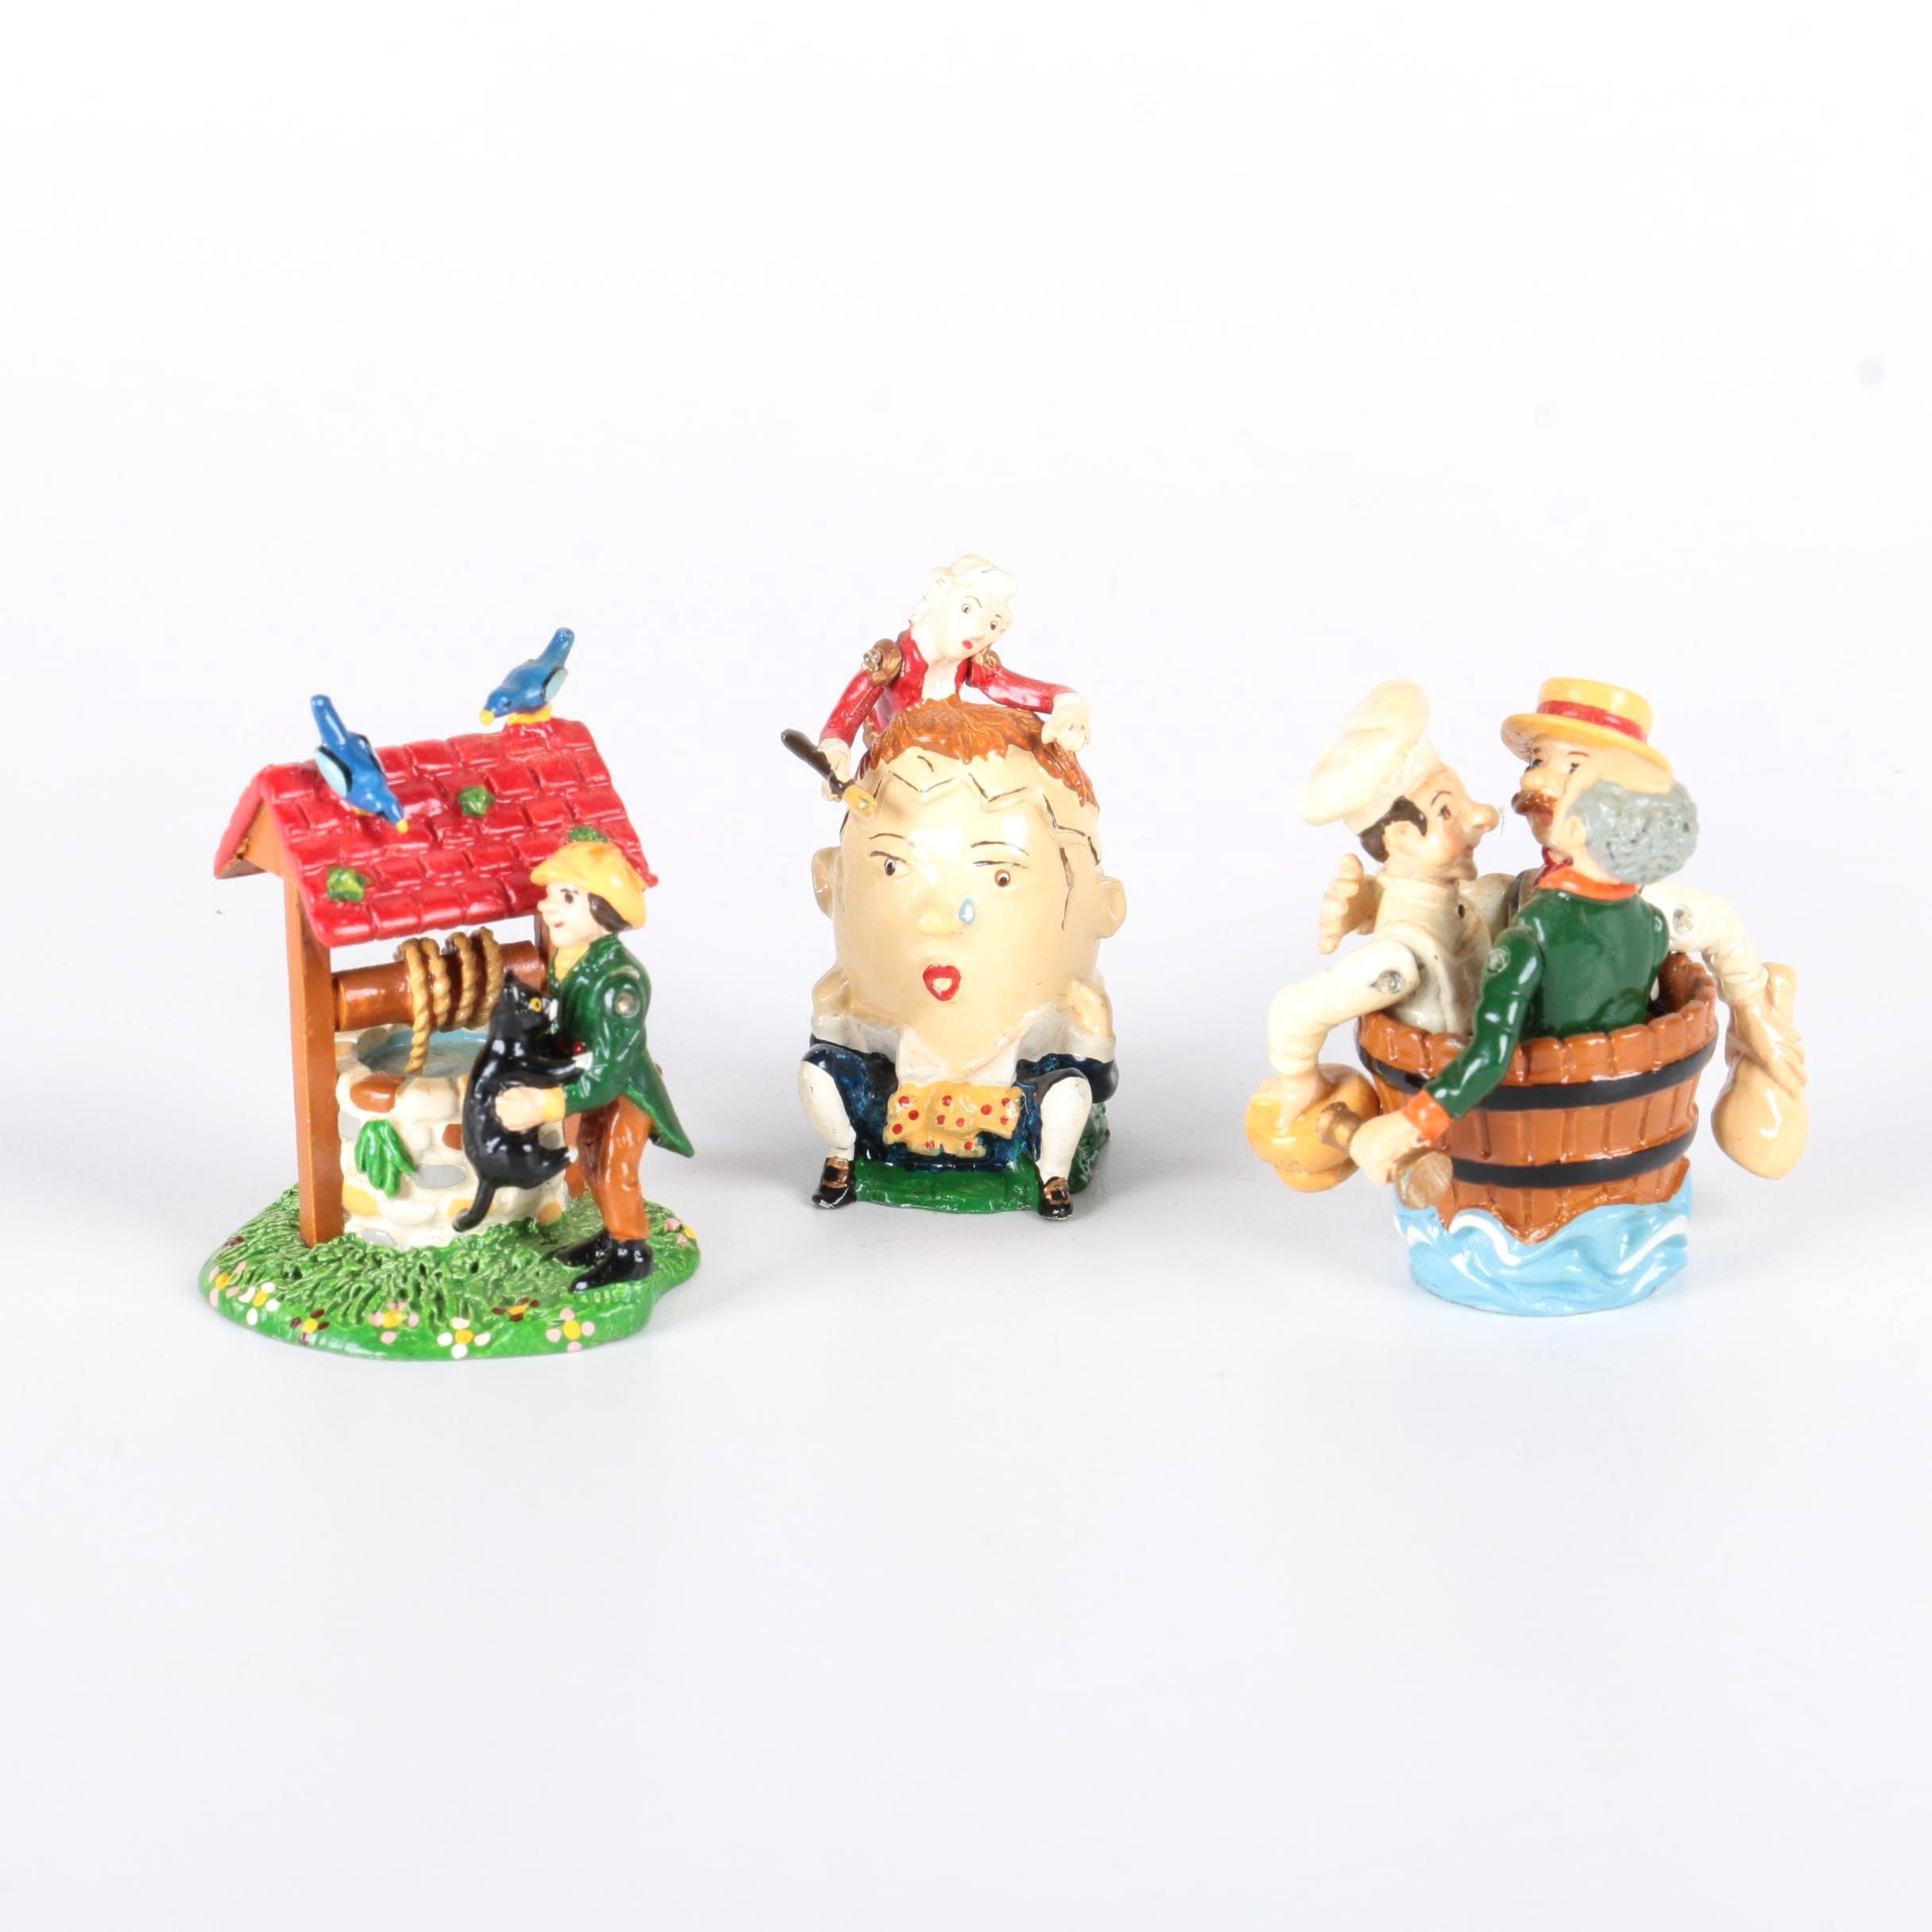 Metal Nursery Rhyme Figurines